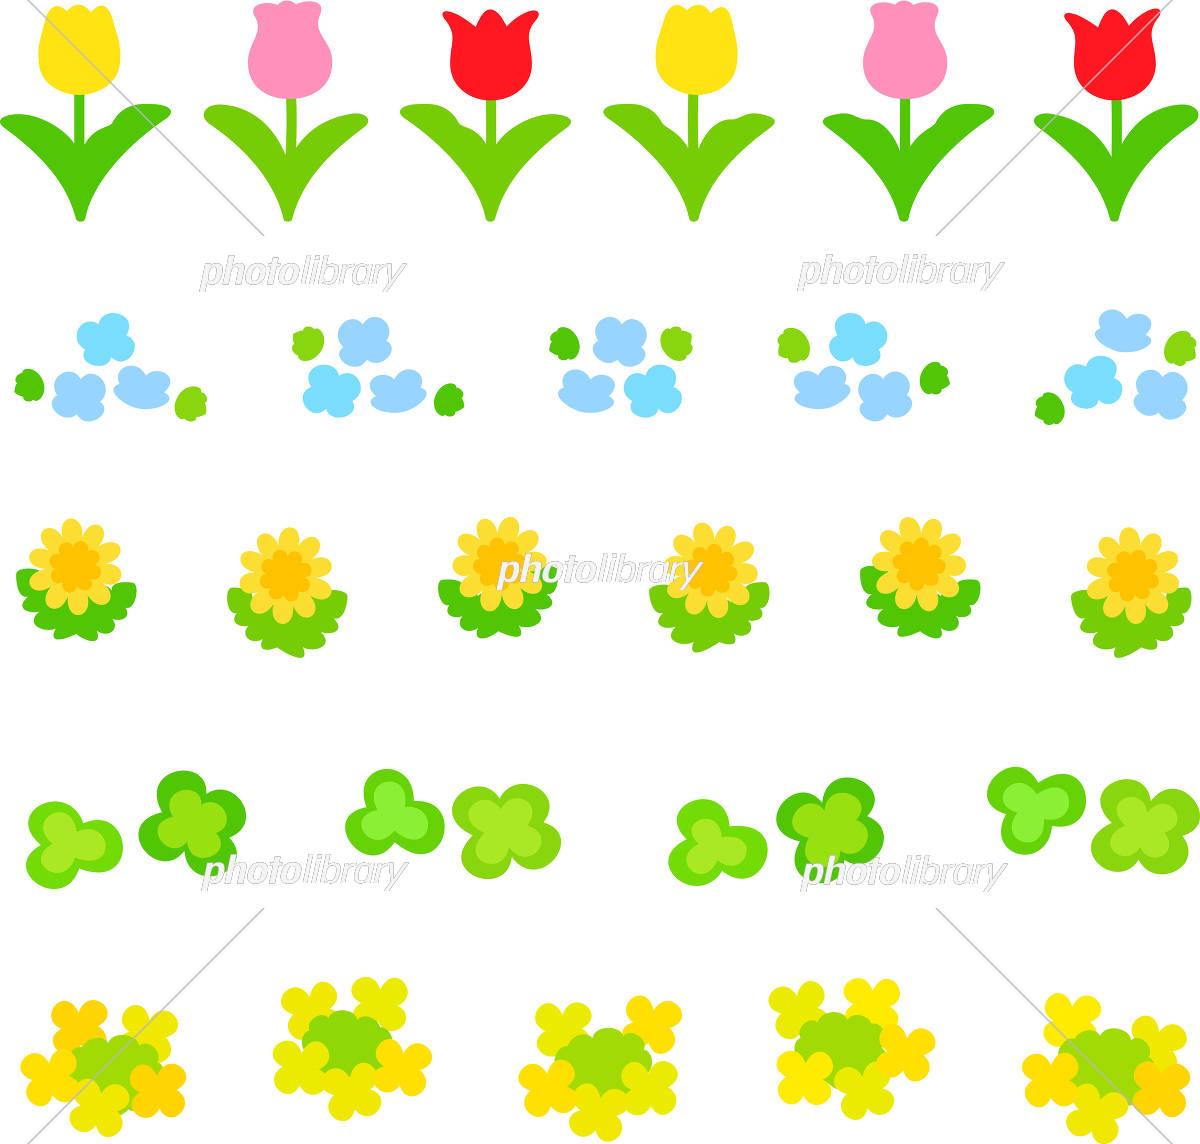 春の花のデコレーションイラスト イラスト素材 5469538 フォト